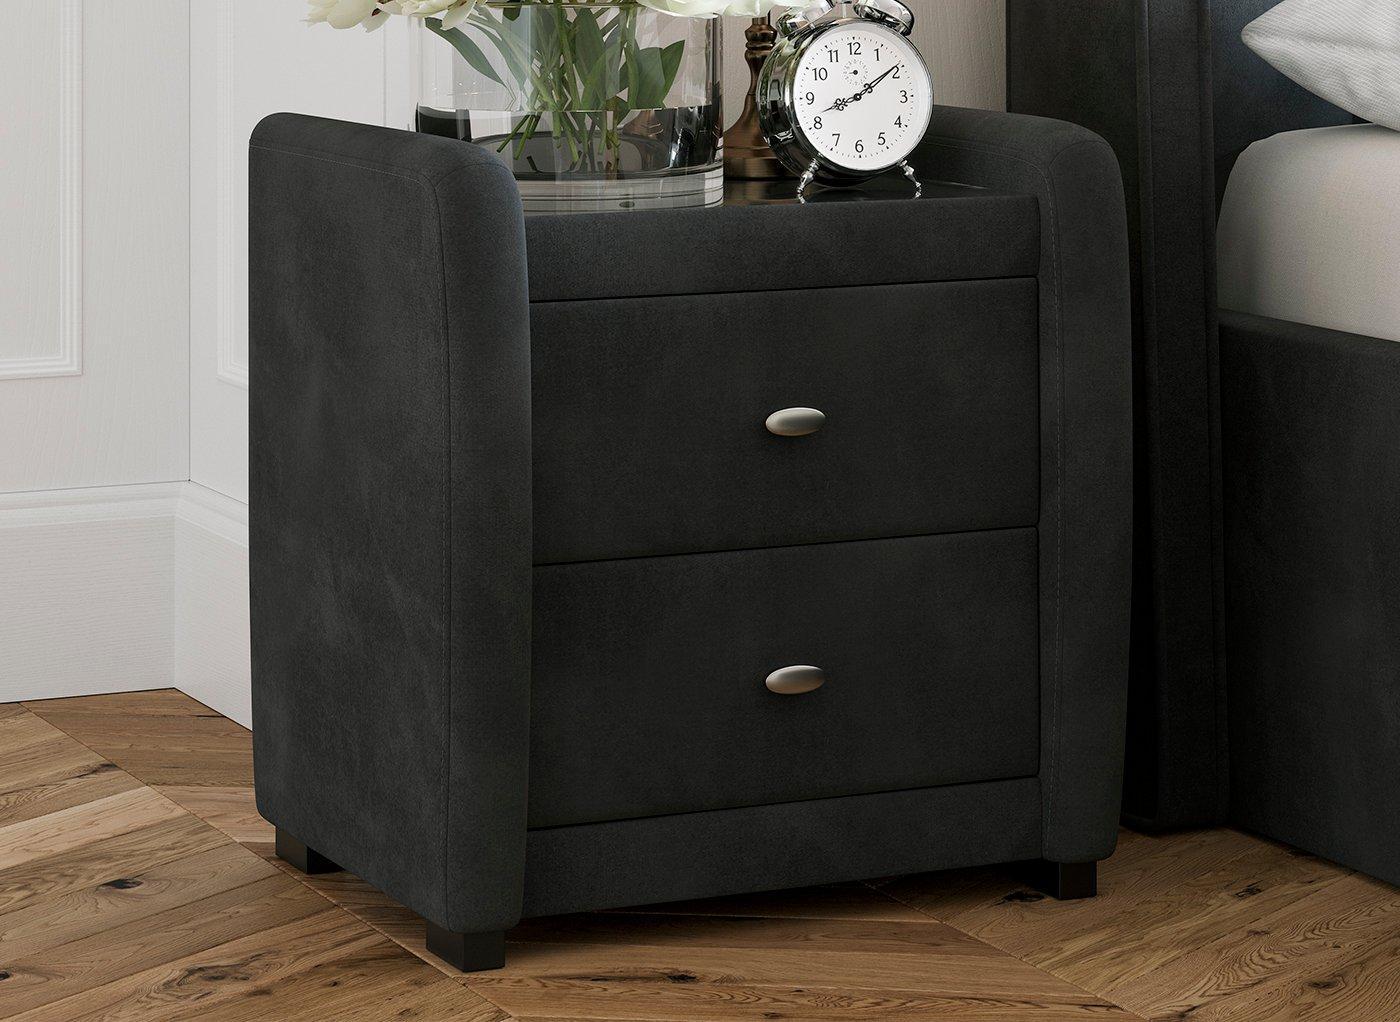 deacon-velvet-upholstered-2-drawer-bedside-table-grey